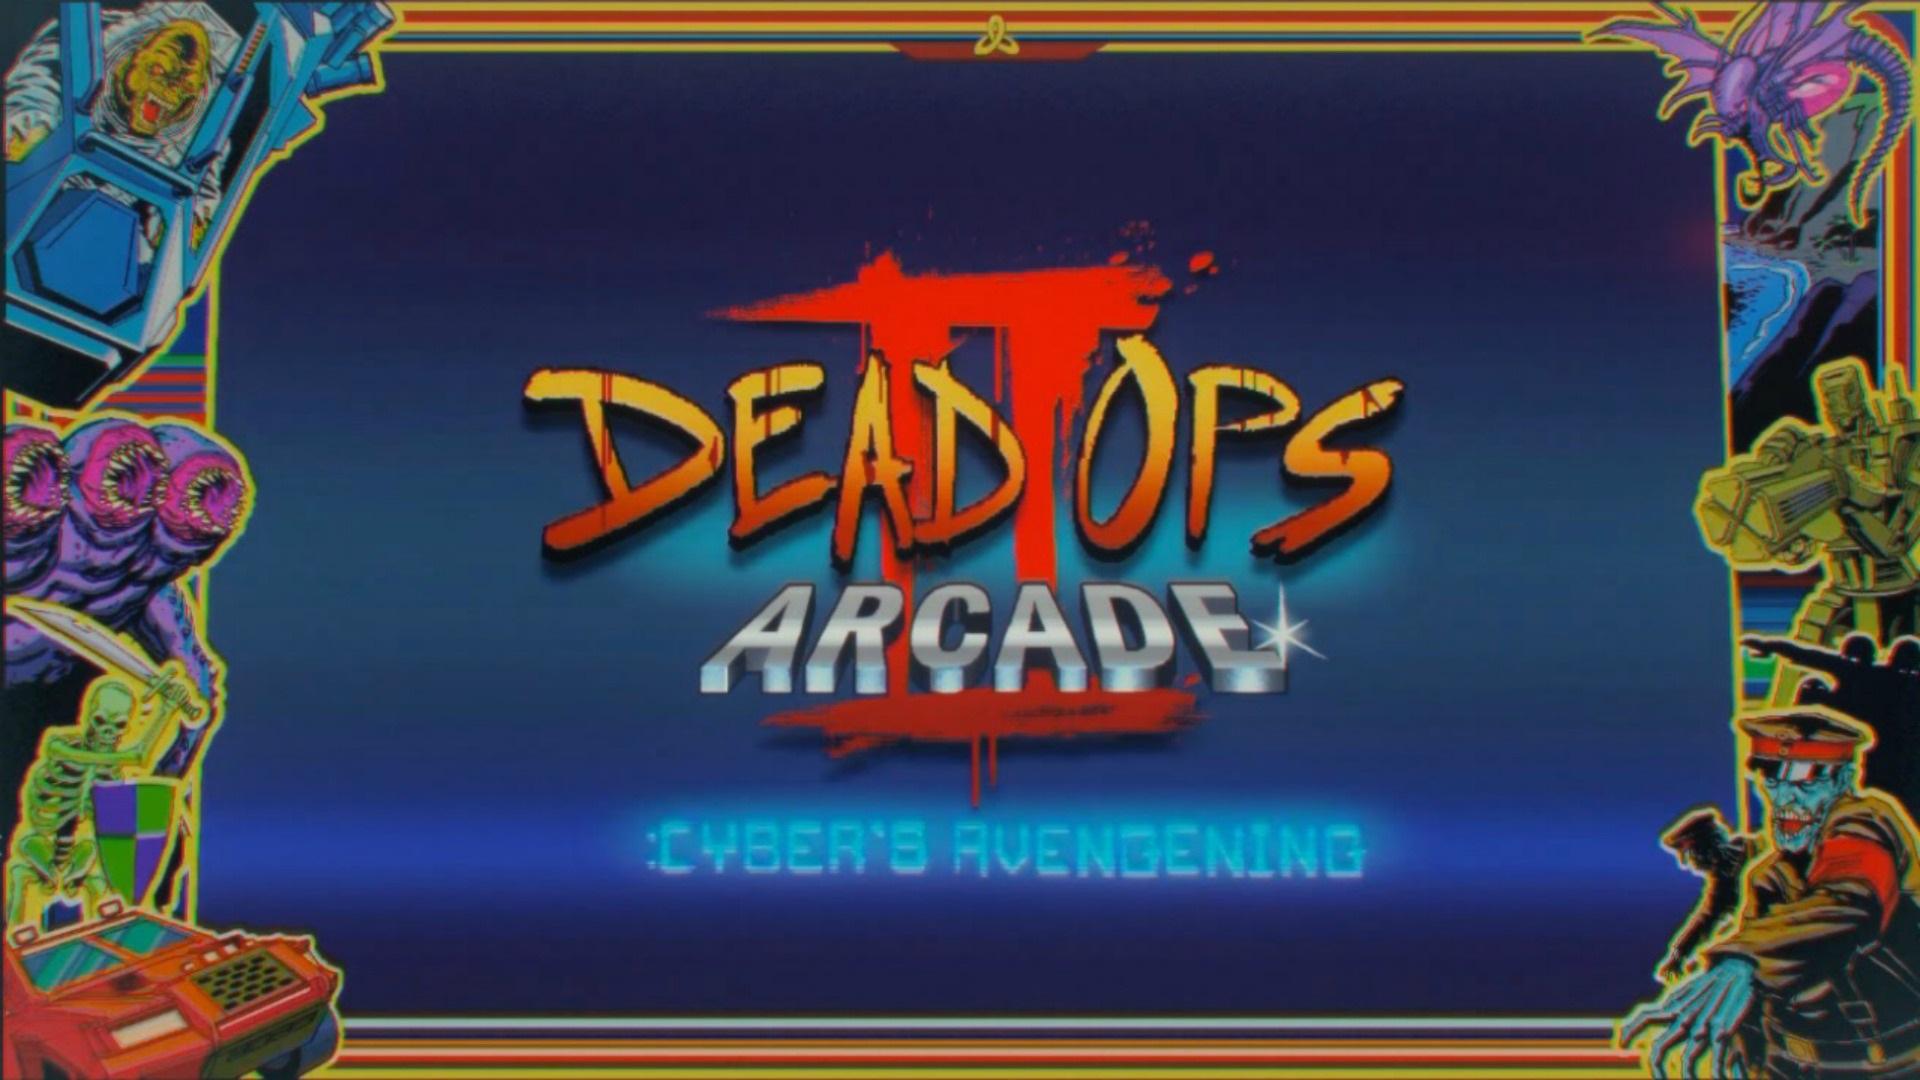 Dead Ops Arcade II: Cyber's Avengening